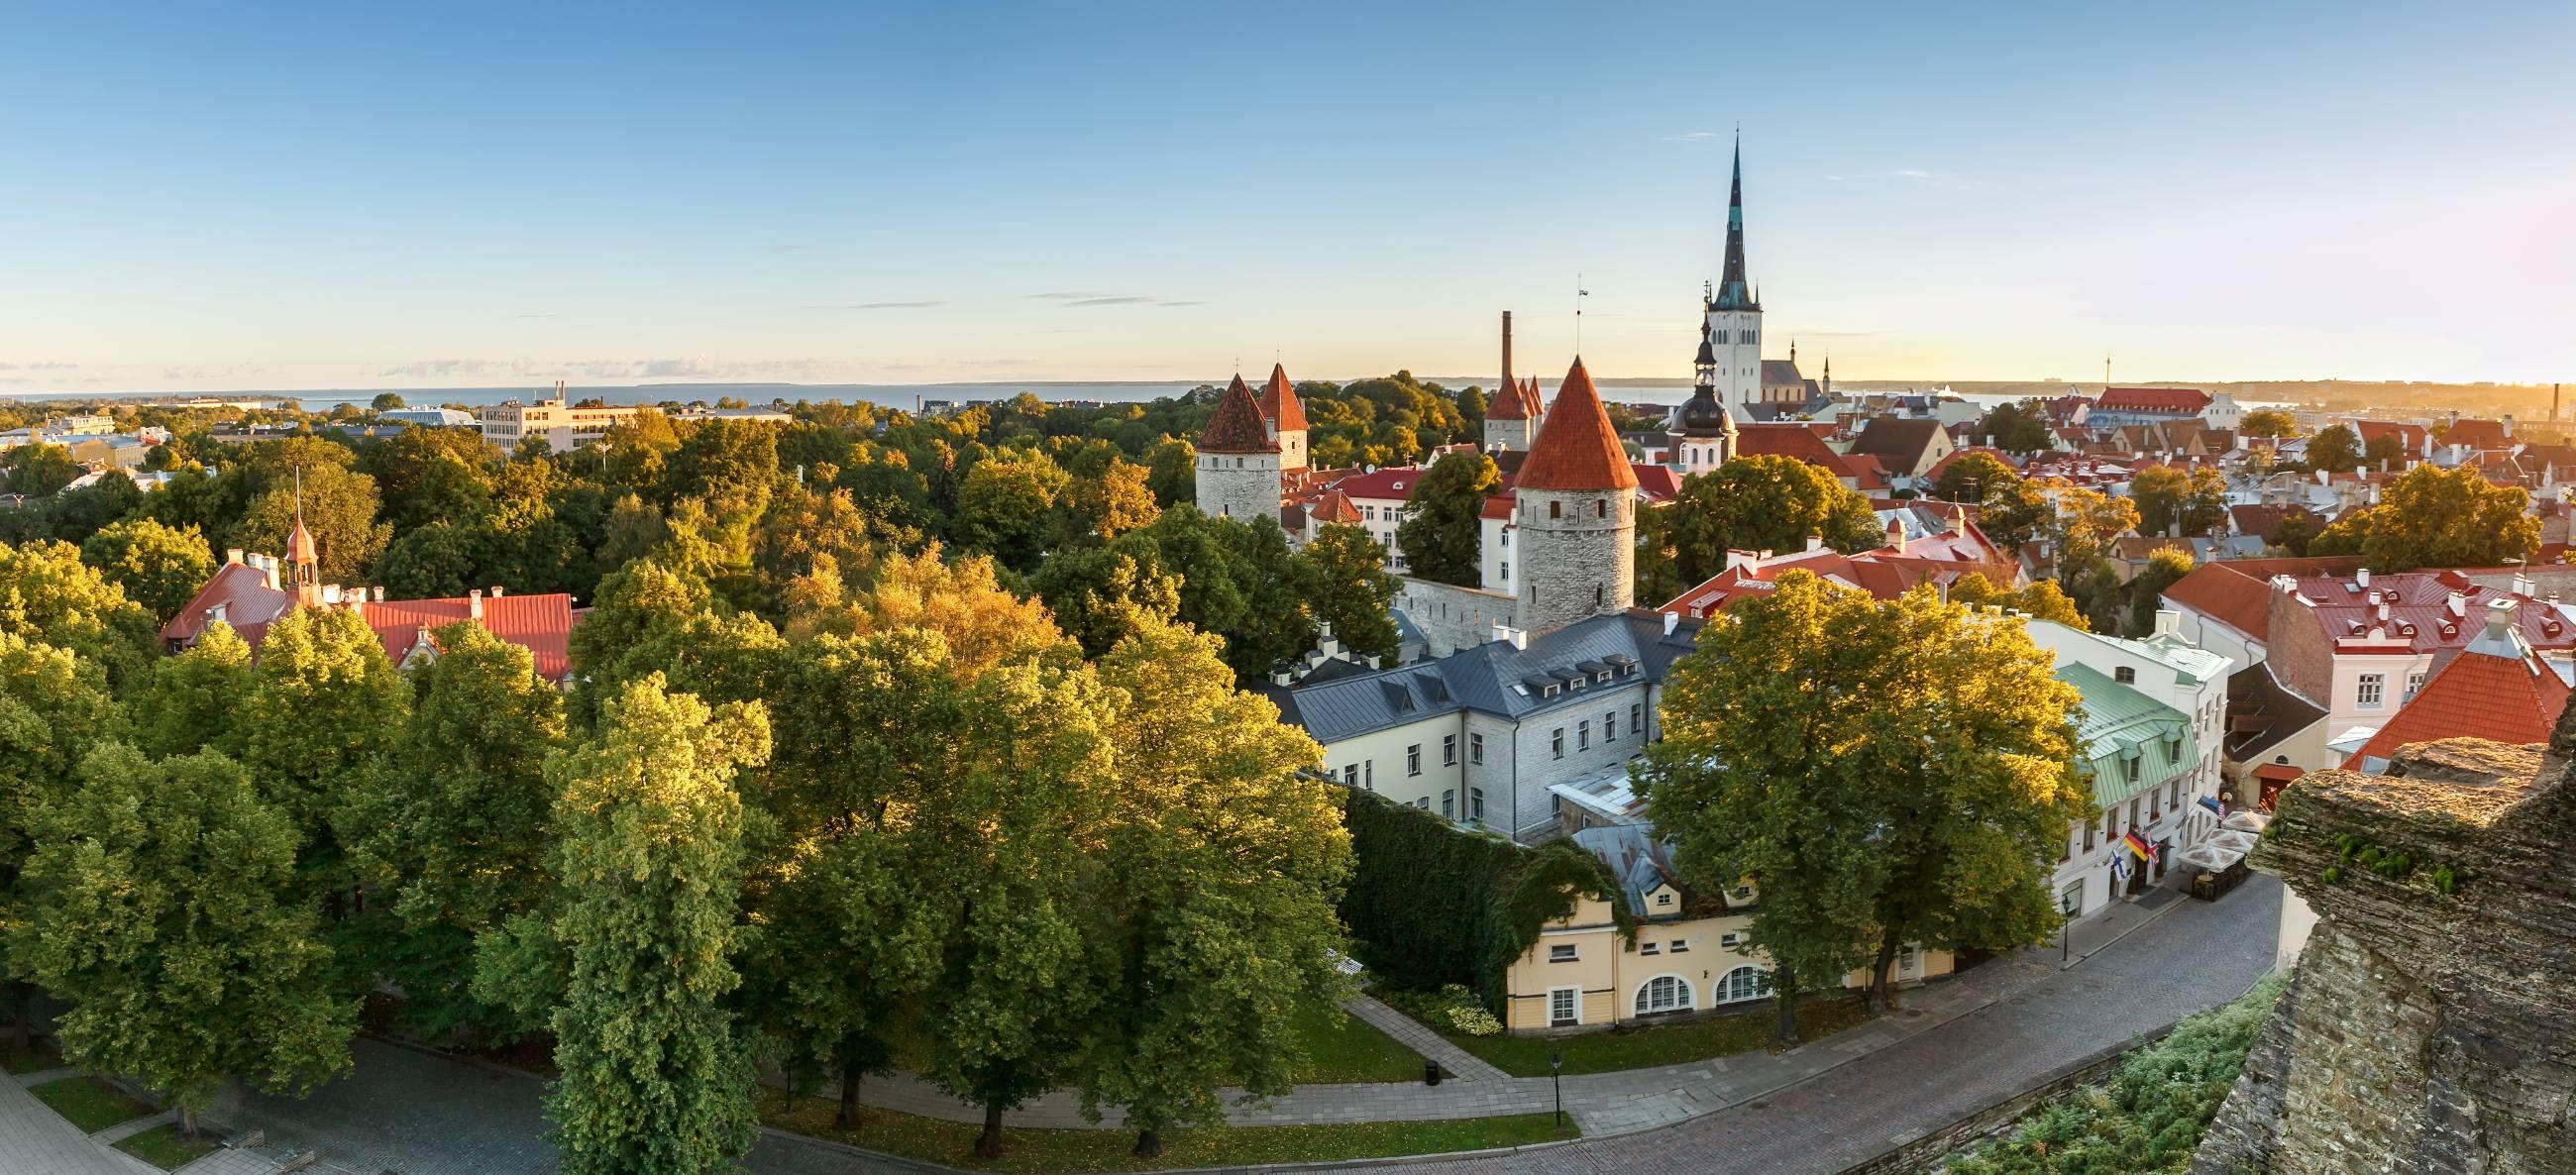 Tallinn-Eine-Stadt-der-Tausend-Geschichten